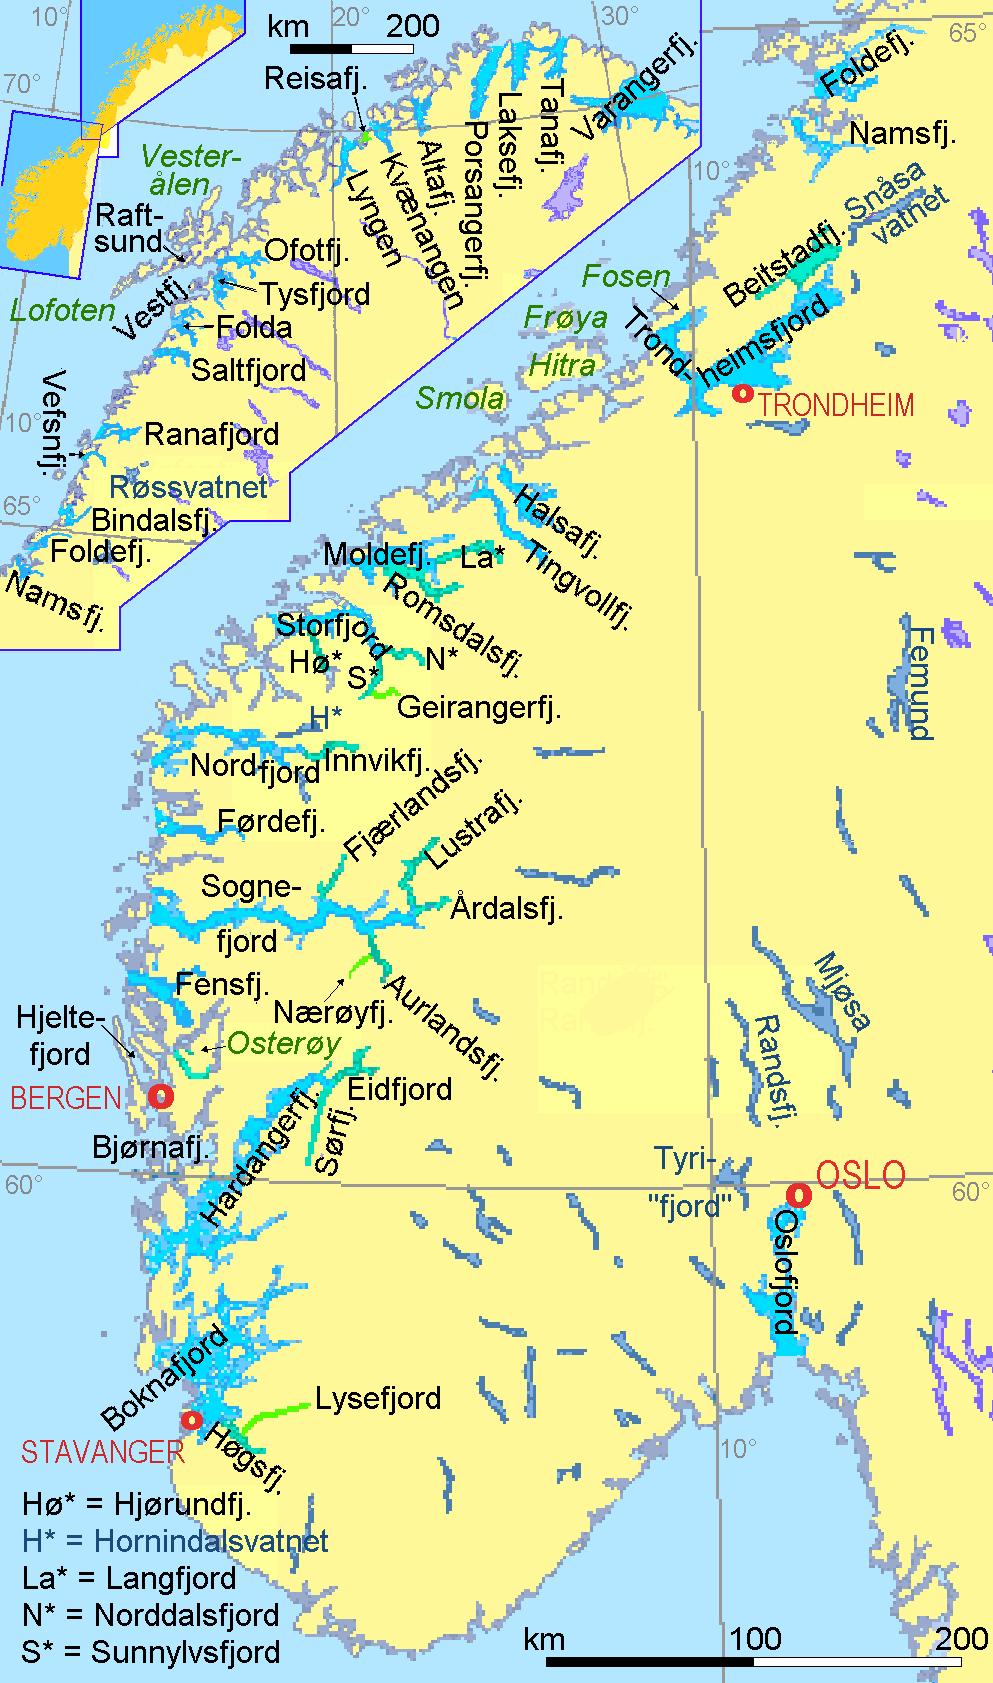 fjorder i norge kart Fjords of Norway   Wikimedia Commons fjorder i norge kart